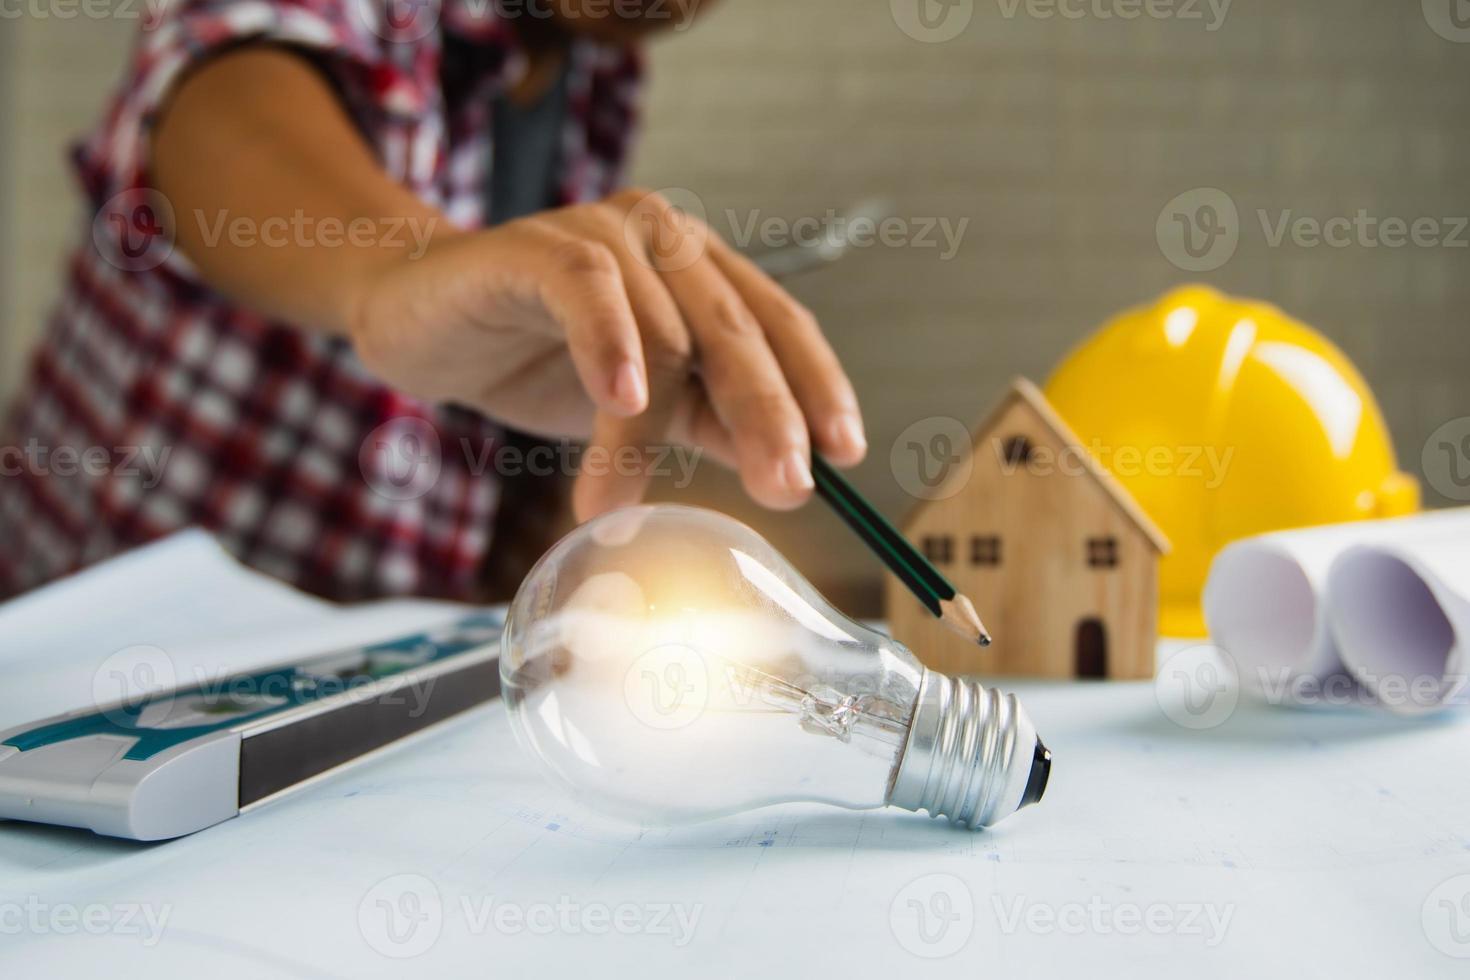 Mann mit Bleistiftspitze zum Anzünden der Glühbirne neben dem Hausmodell, dem Schutzhelm und den aufgerollten Papieren foto